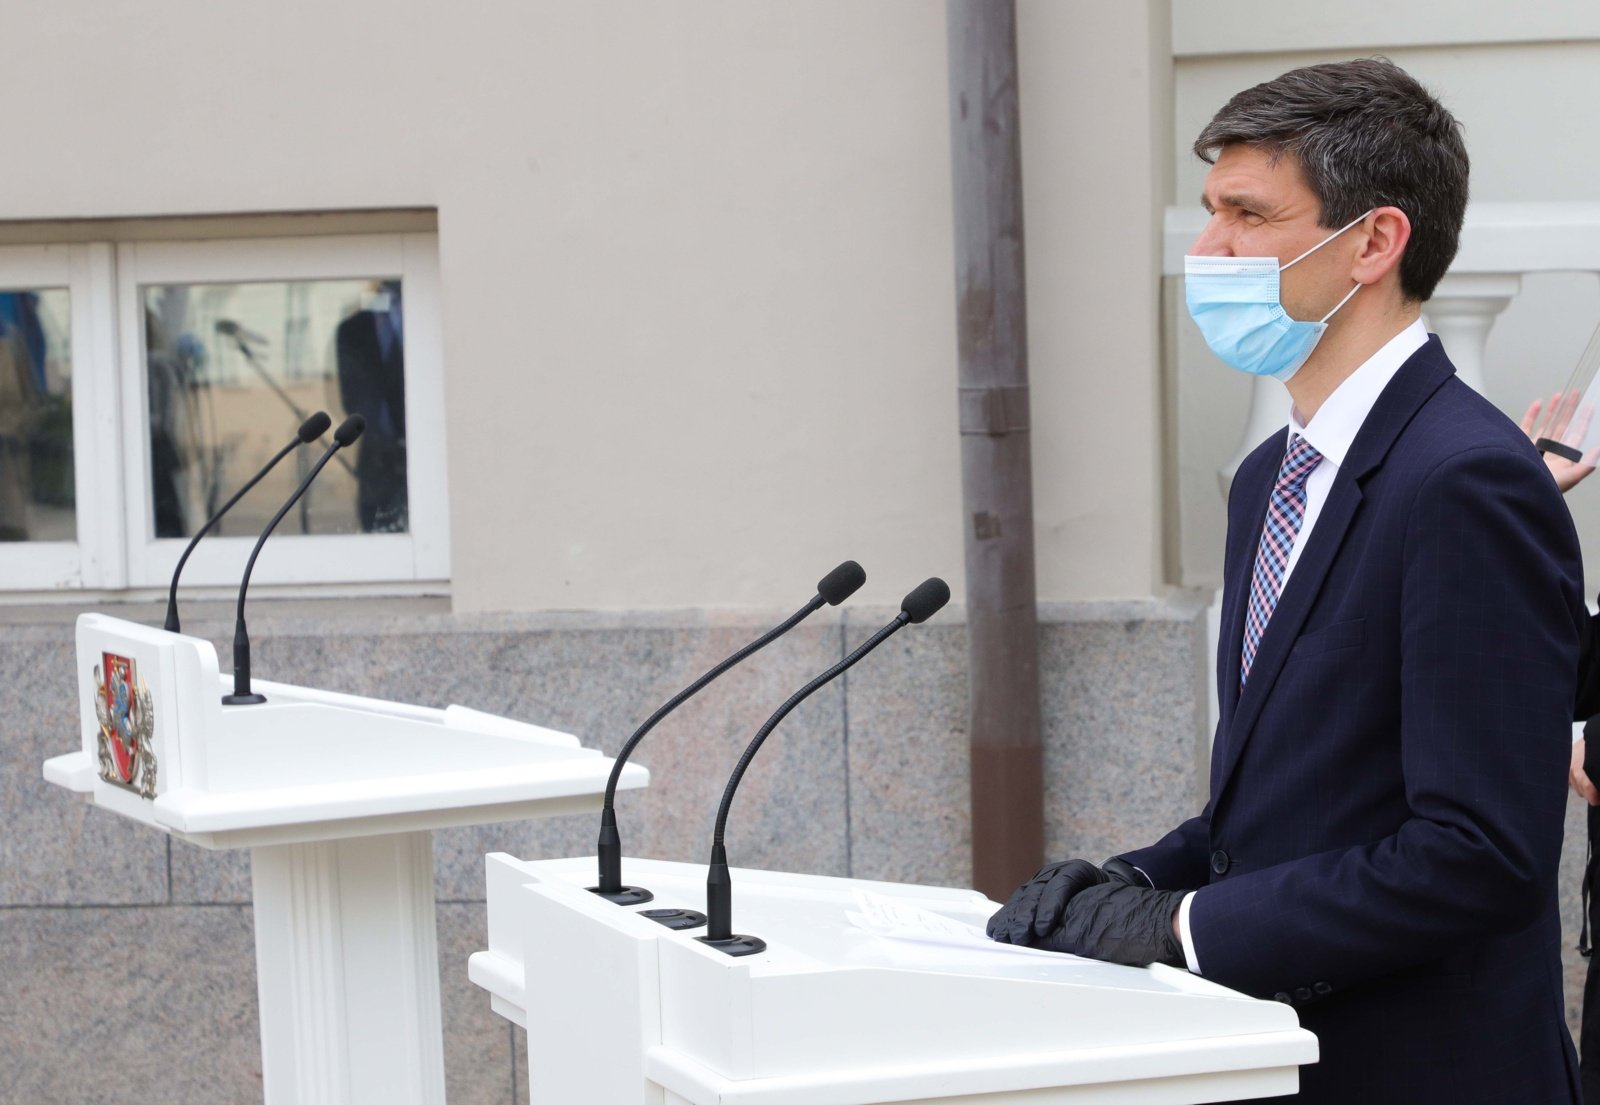 Lietuvą jau pasiekė milijonas skiepų: tikisi, kad antrasis milijonas vakcinų atkeliaus greičiau